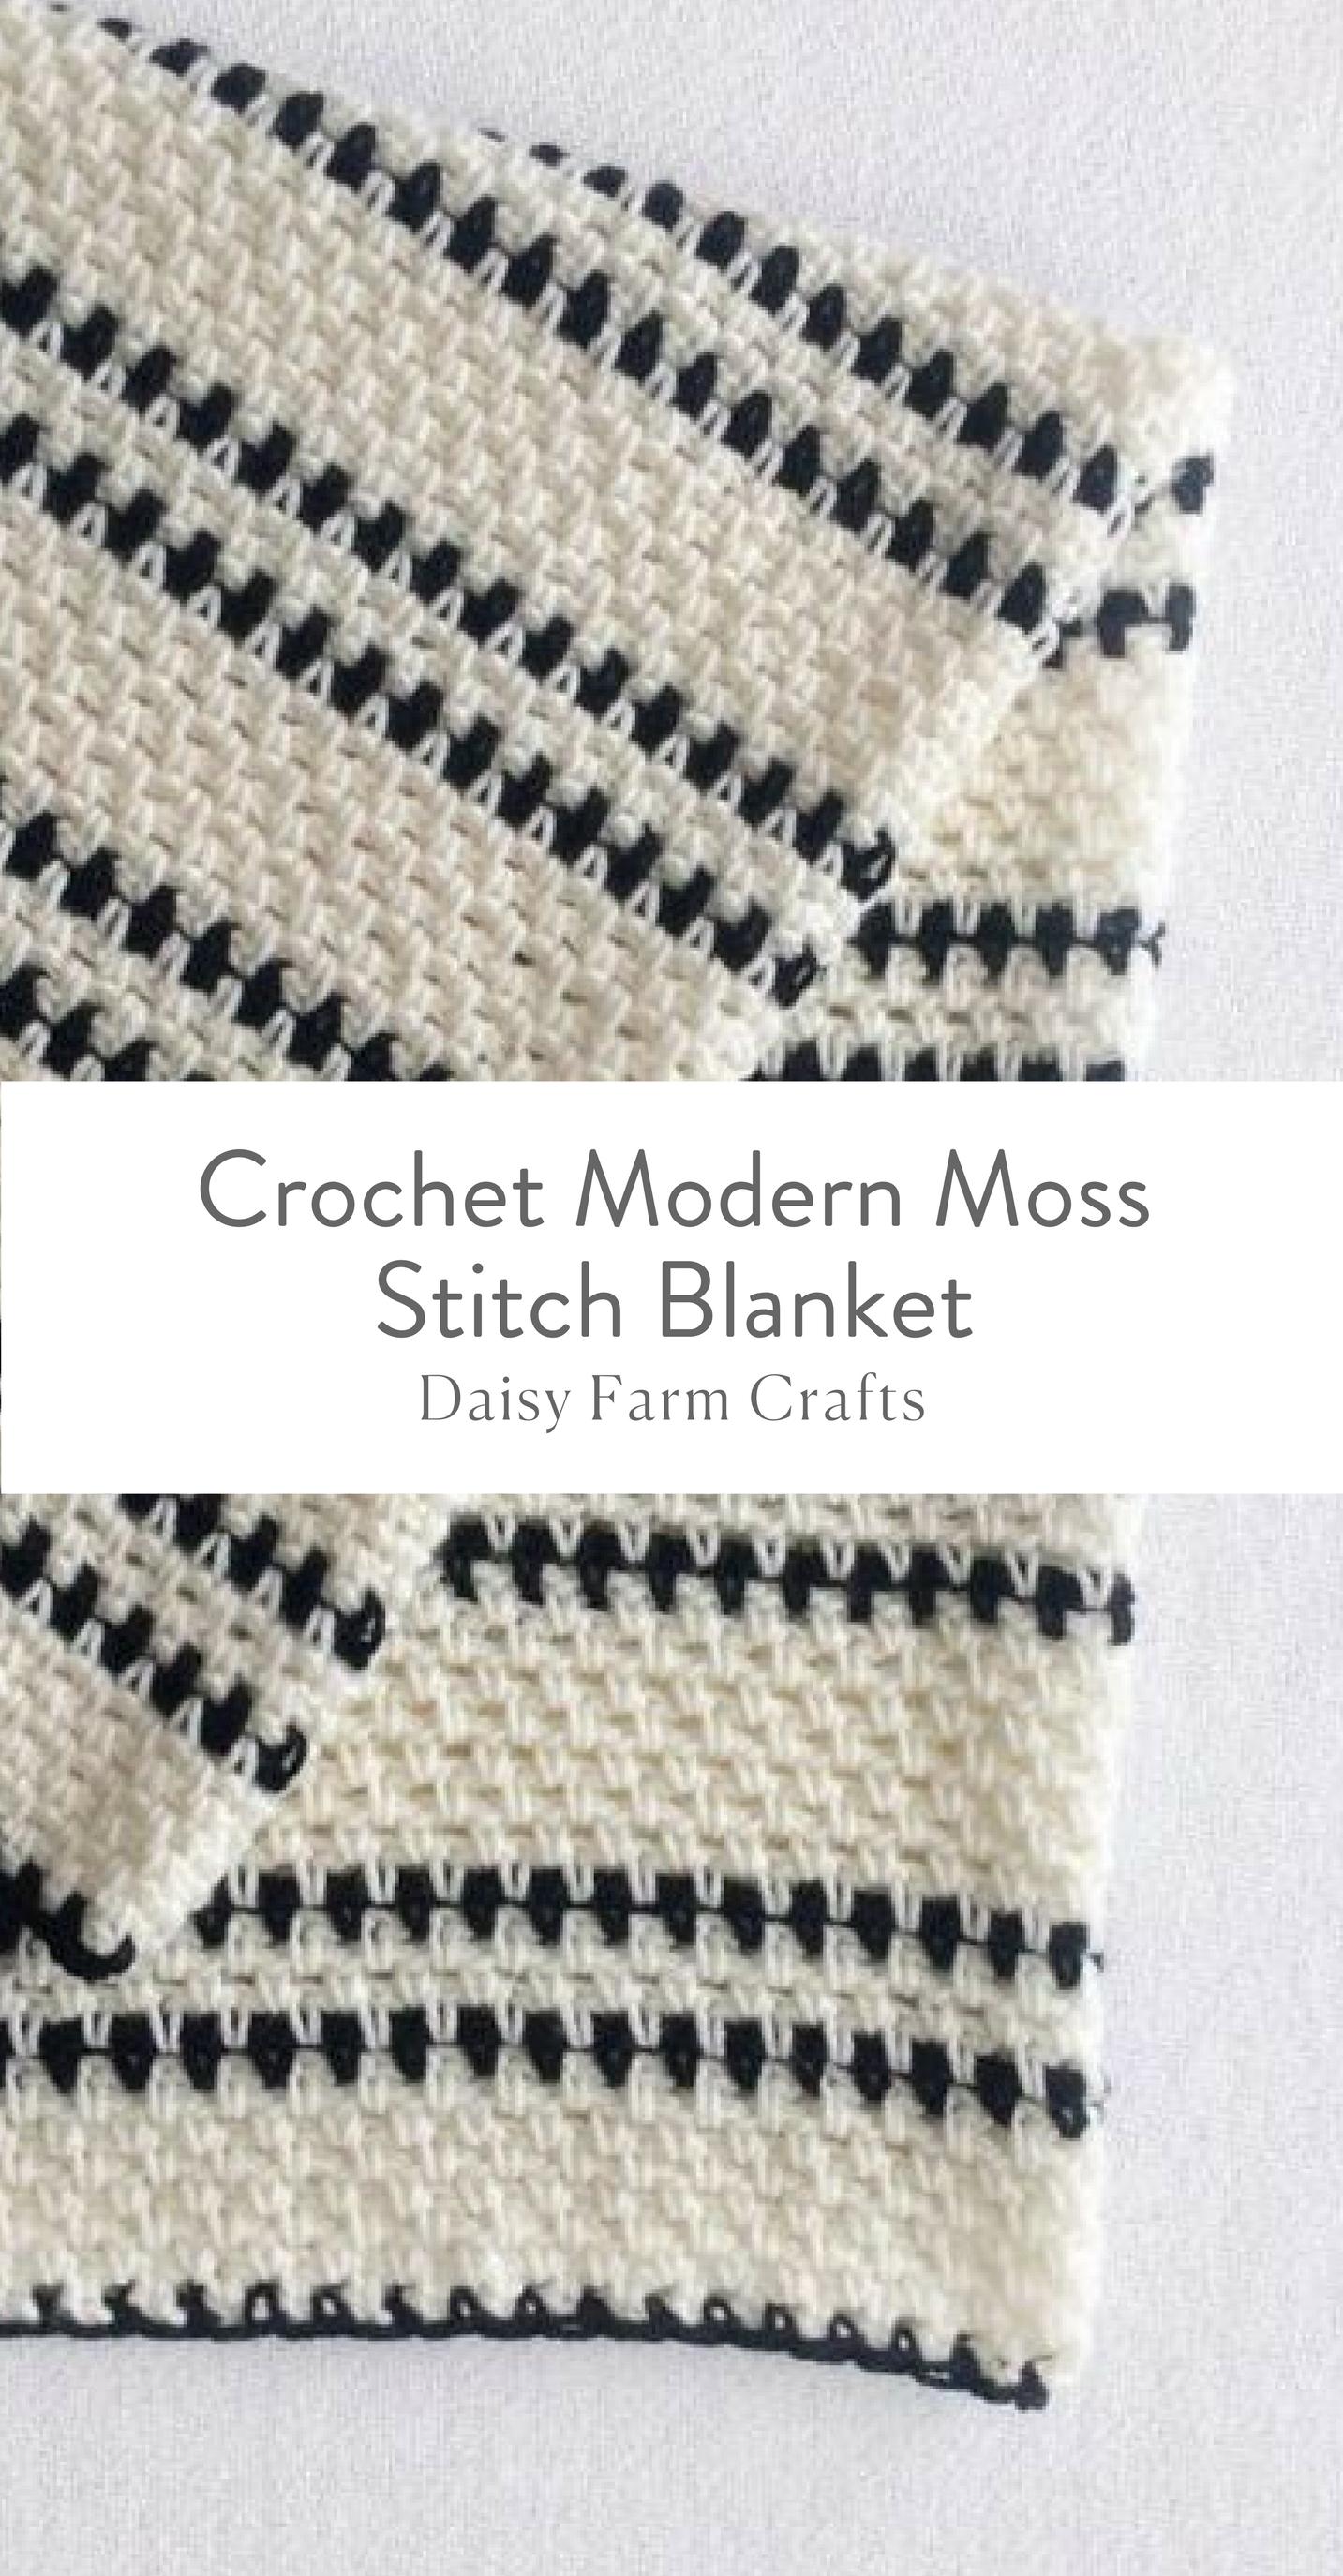 Free Pattern - Crochet Modern Moss Stitch Blanket | Crochet ...